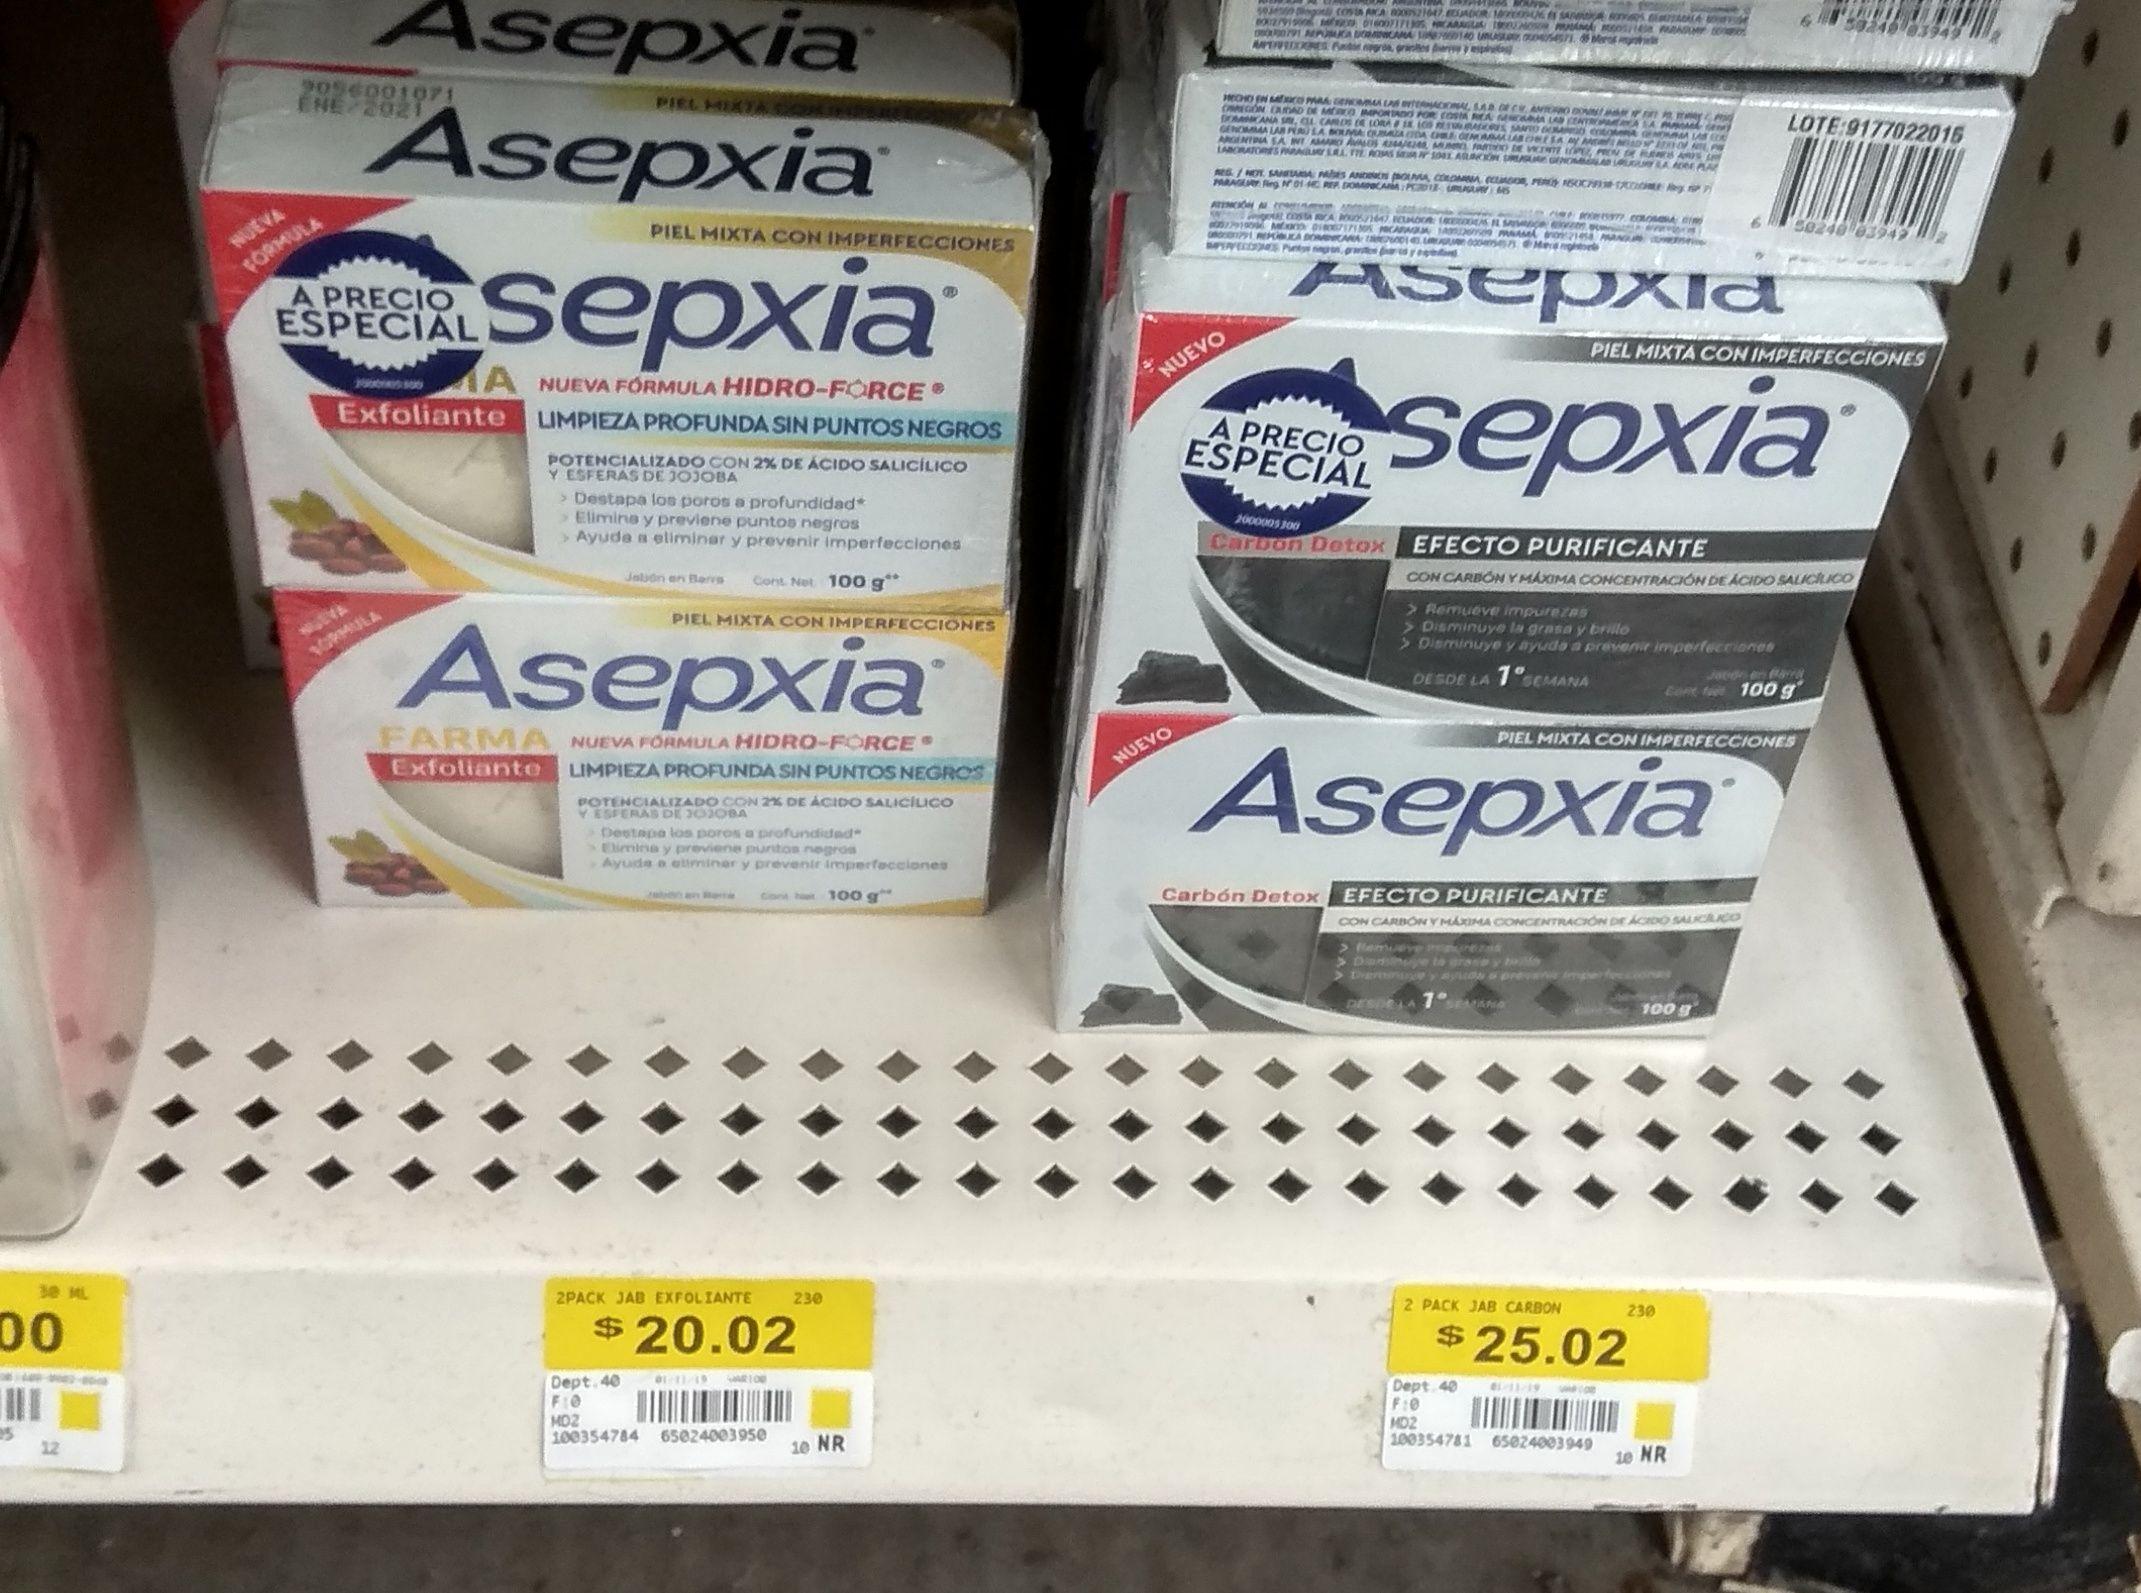 Bodega Aurrera: Jabones Asepxia